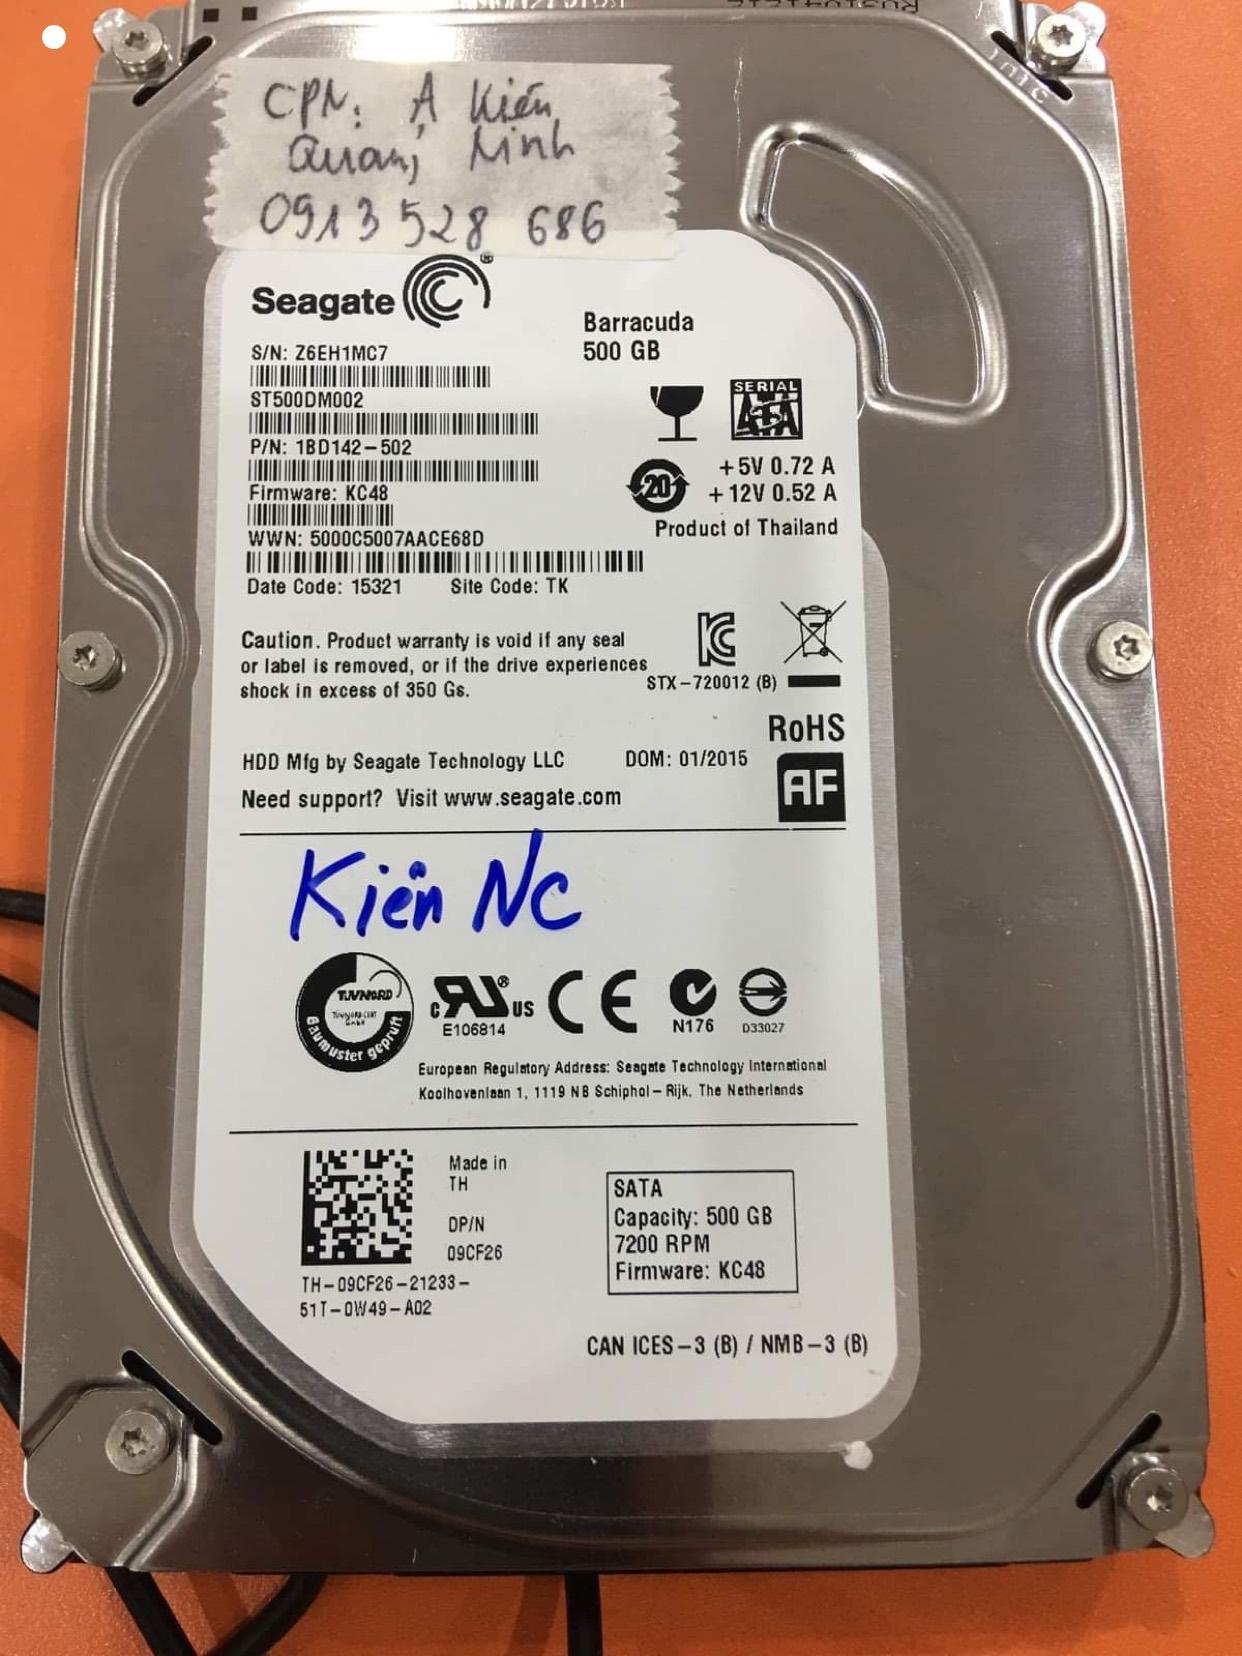 Phục hồi dữ liệu ổ cứng Seagate 500GB lỗi cơ tại Quảng Ninh 14/08/2020 - cuumaytinh